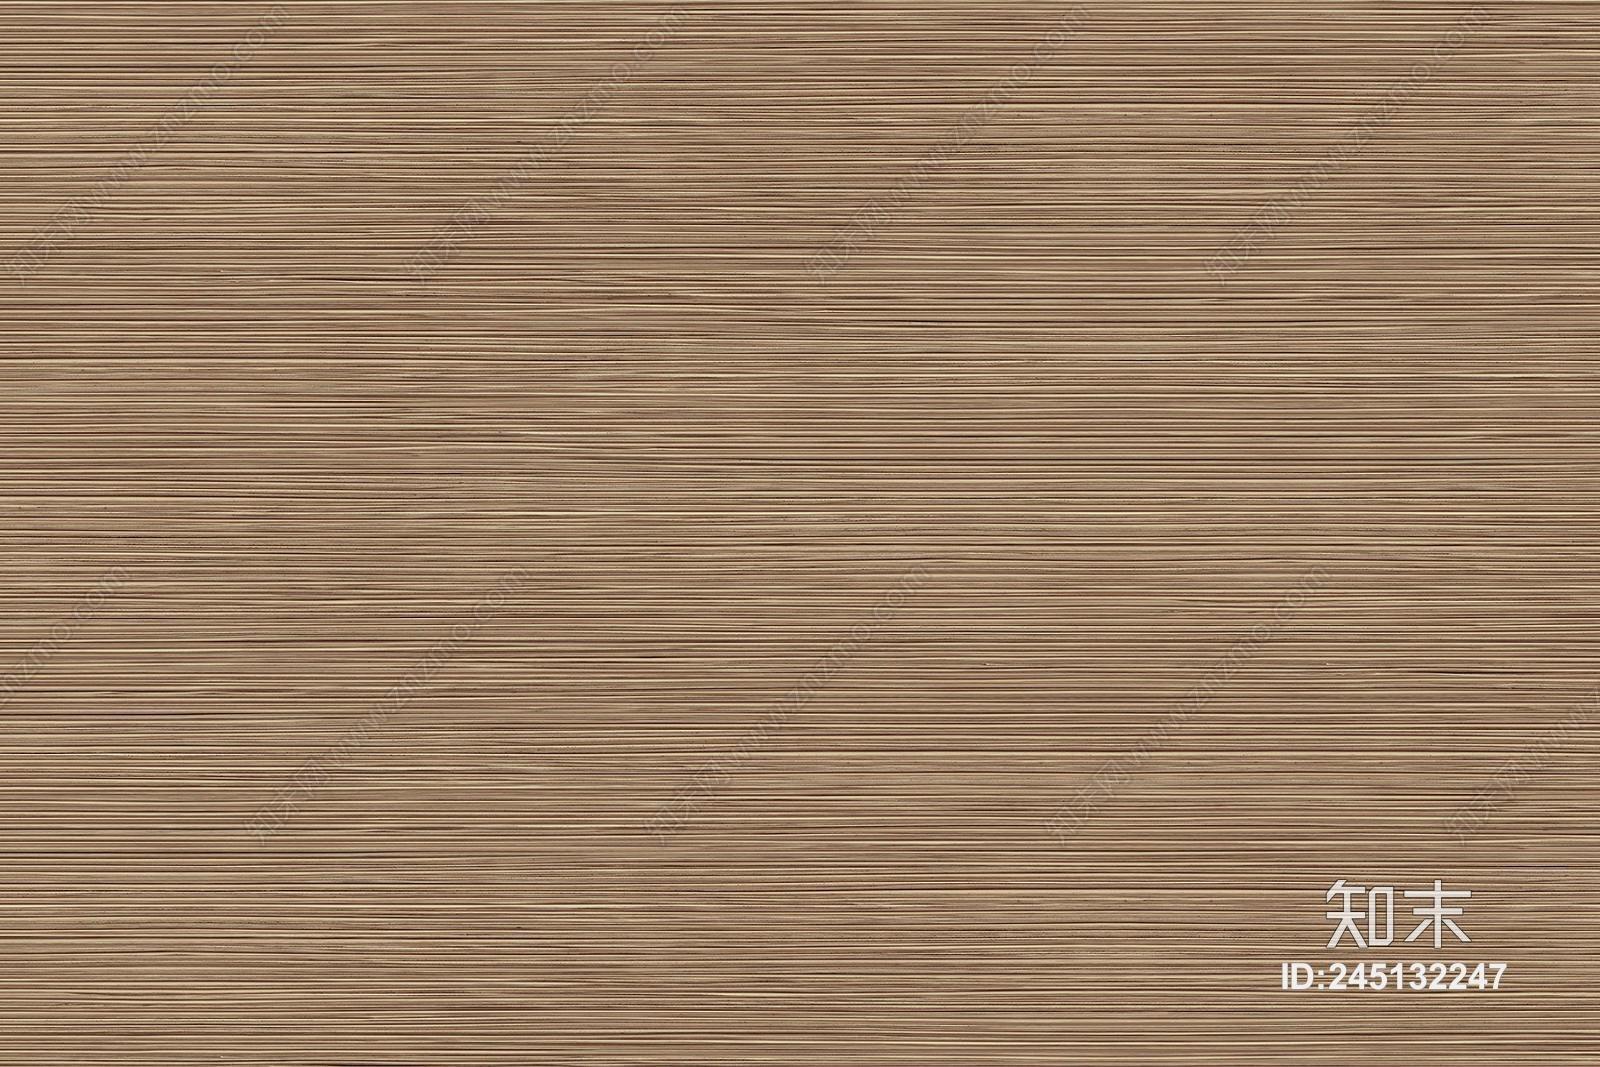 咖啡色布纹贴图_咖啡色贴图下载【ID:245132247】_咖啡色纯色布纹高清材质材质贴图 ...